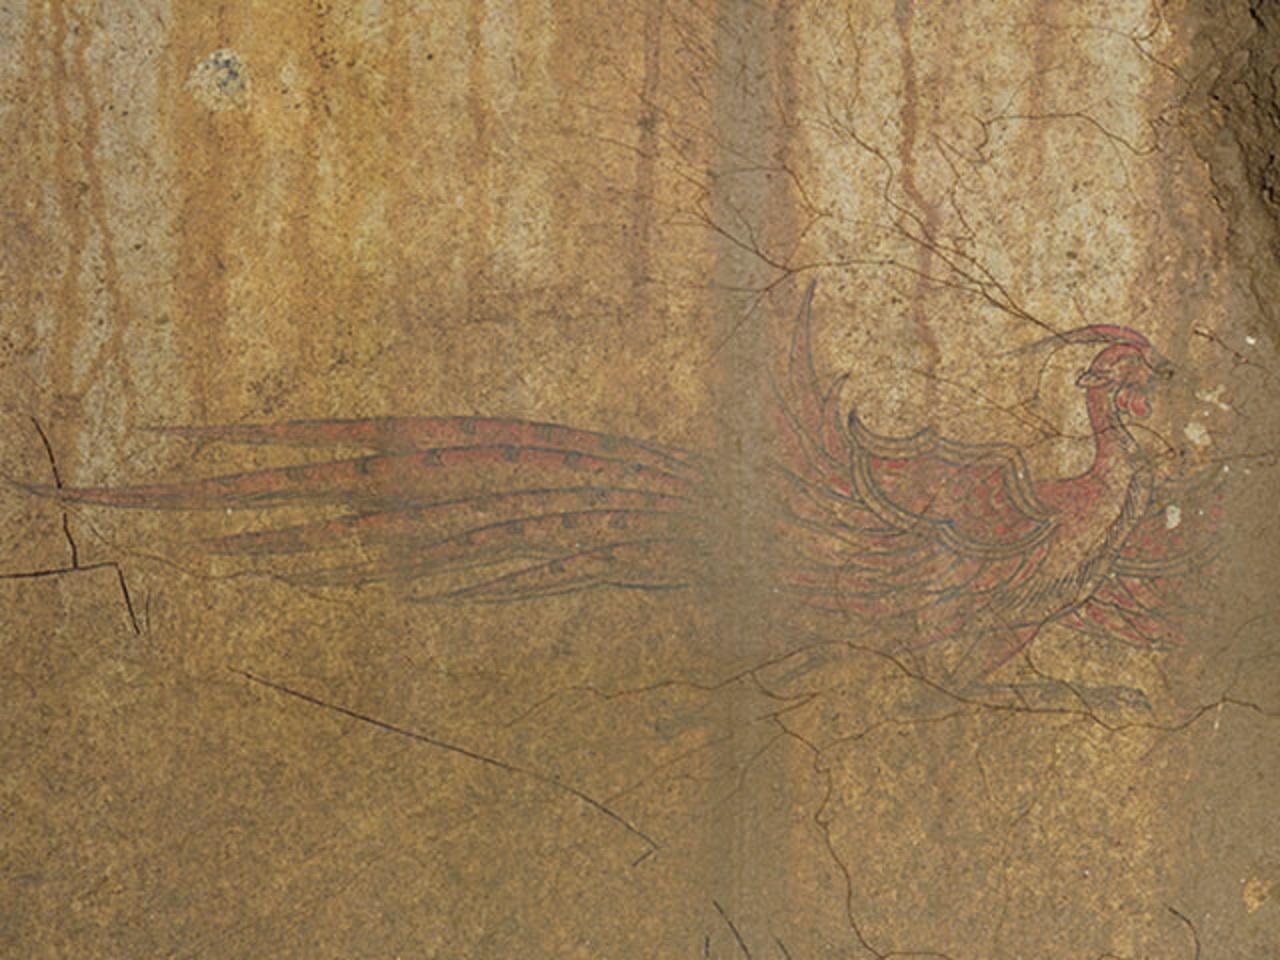 画像: 南を司る「朱雀」は、羽を広げて飛び立つ瞬間のような姿が描かれ、躍動感があります